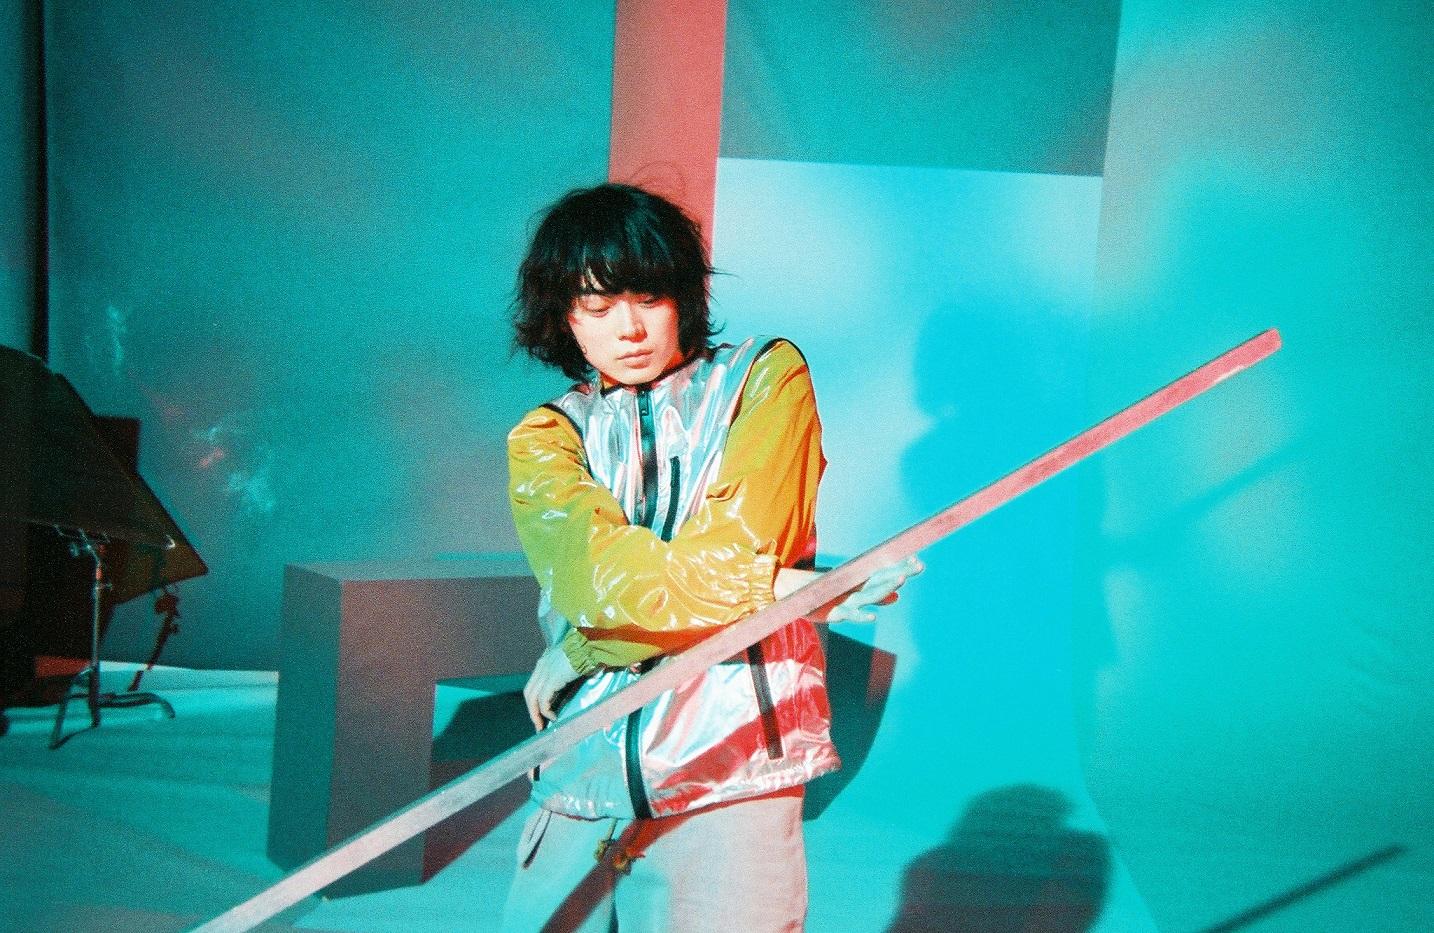 """菅田将暉、""""キャラ立ち俳優""""としてムロツヨシを抜く「足りてないですよムロさん」サムネイル画像"""